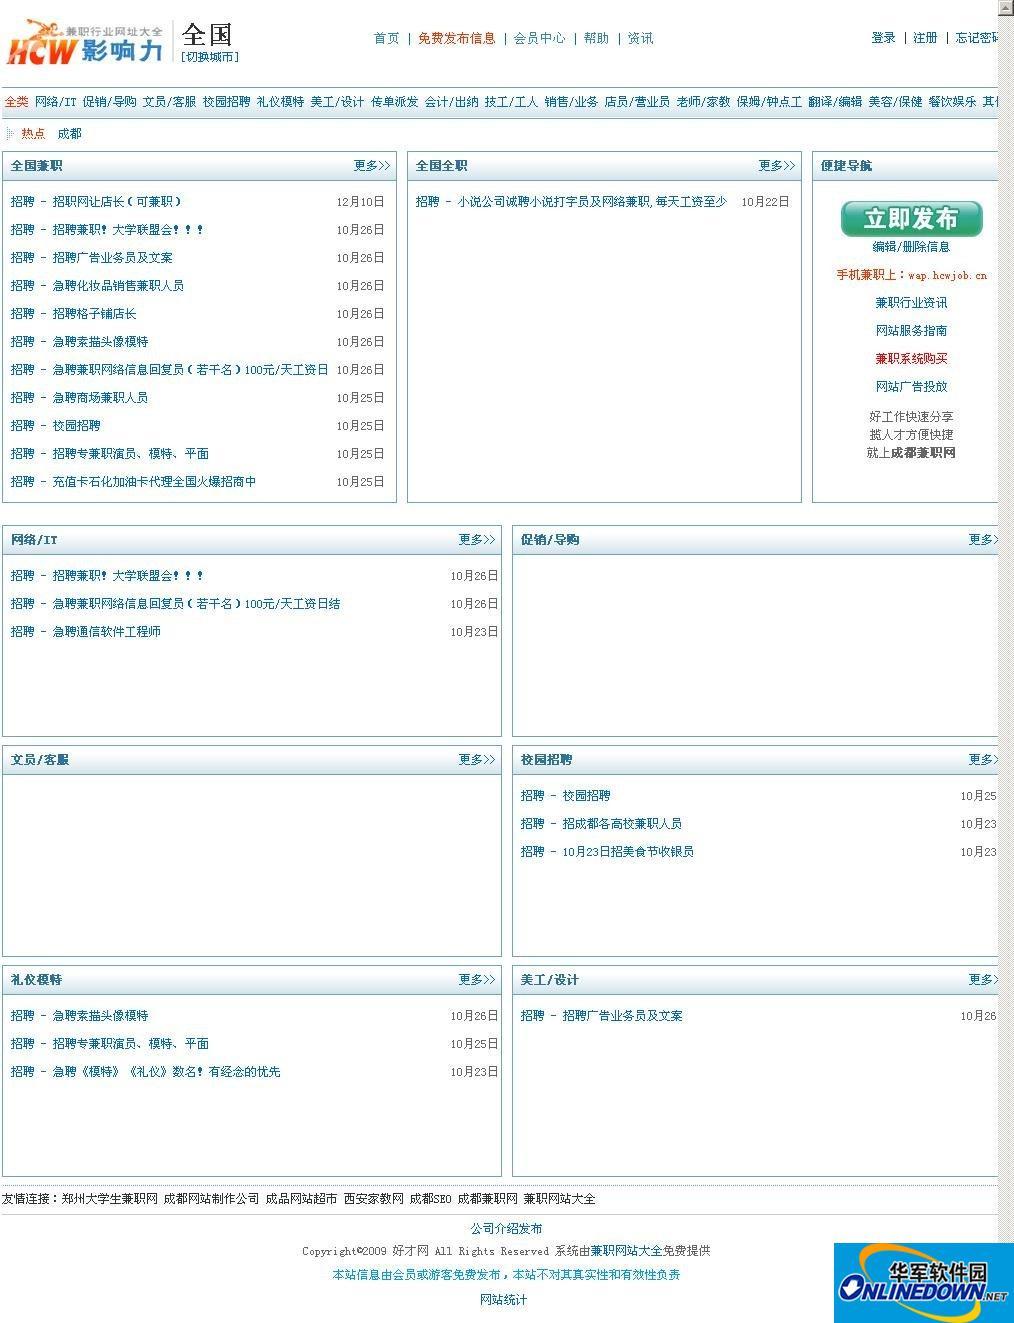 兼职分类系统源码(类似1010兼职)